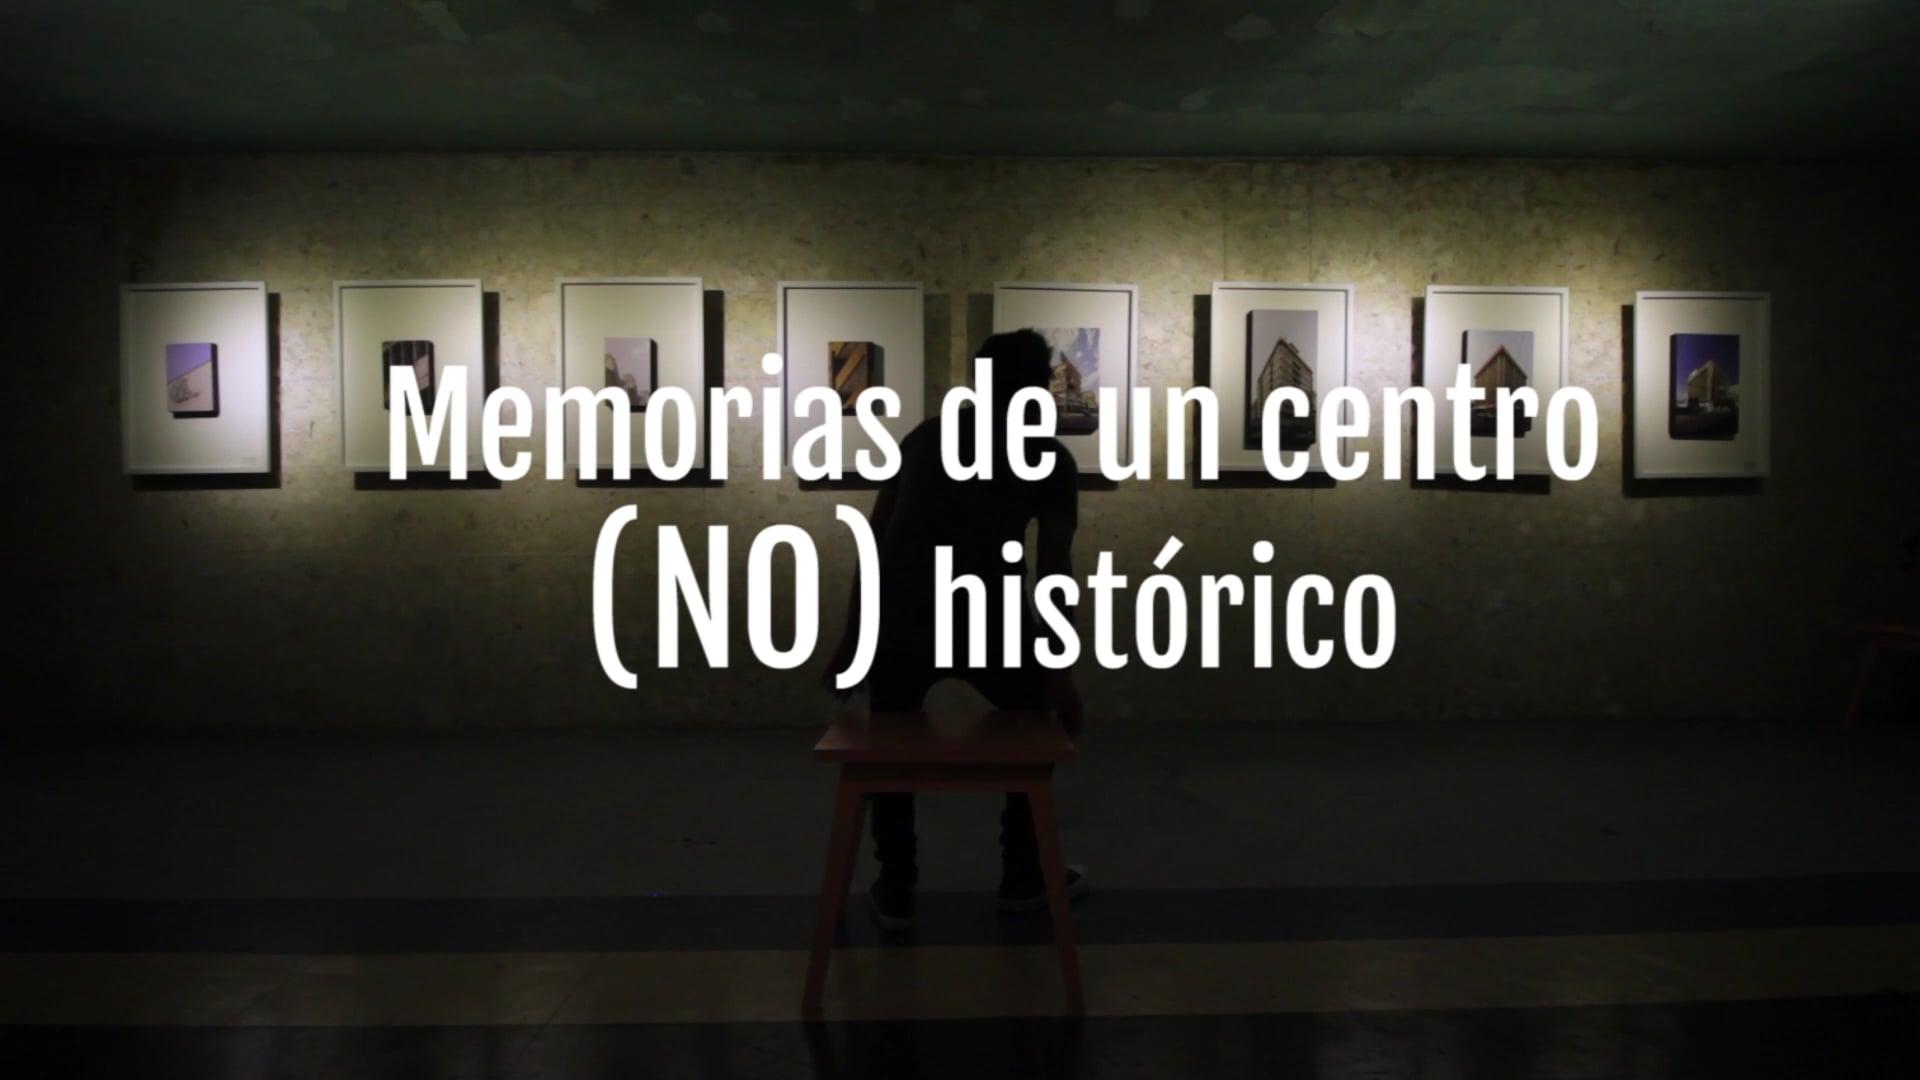 Memorias de un centro (NO) histórico